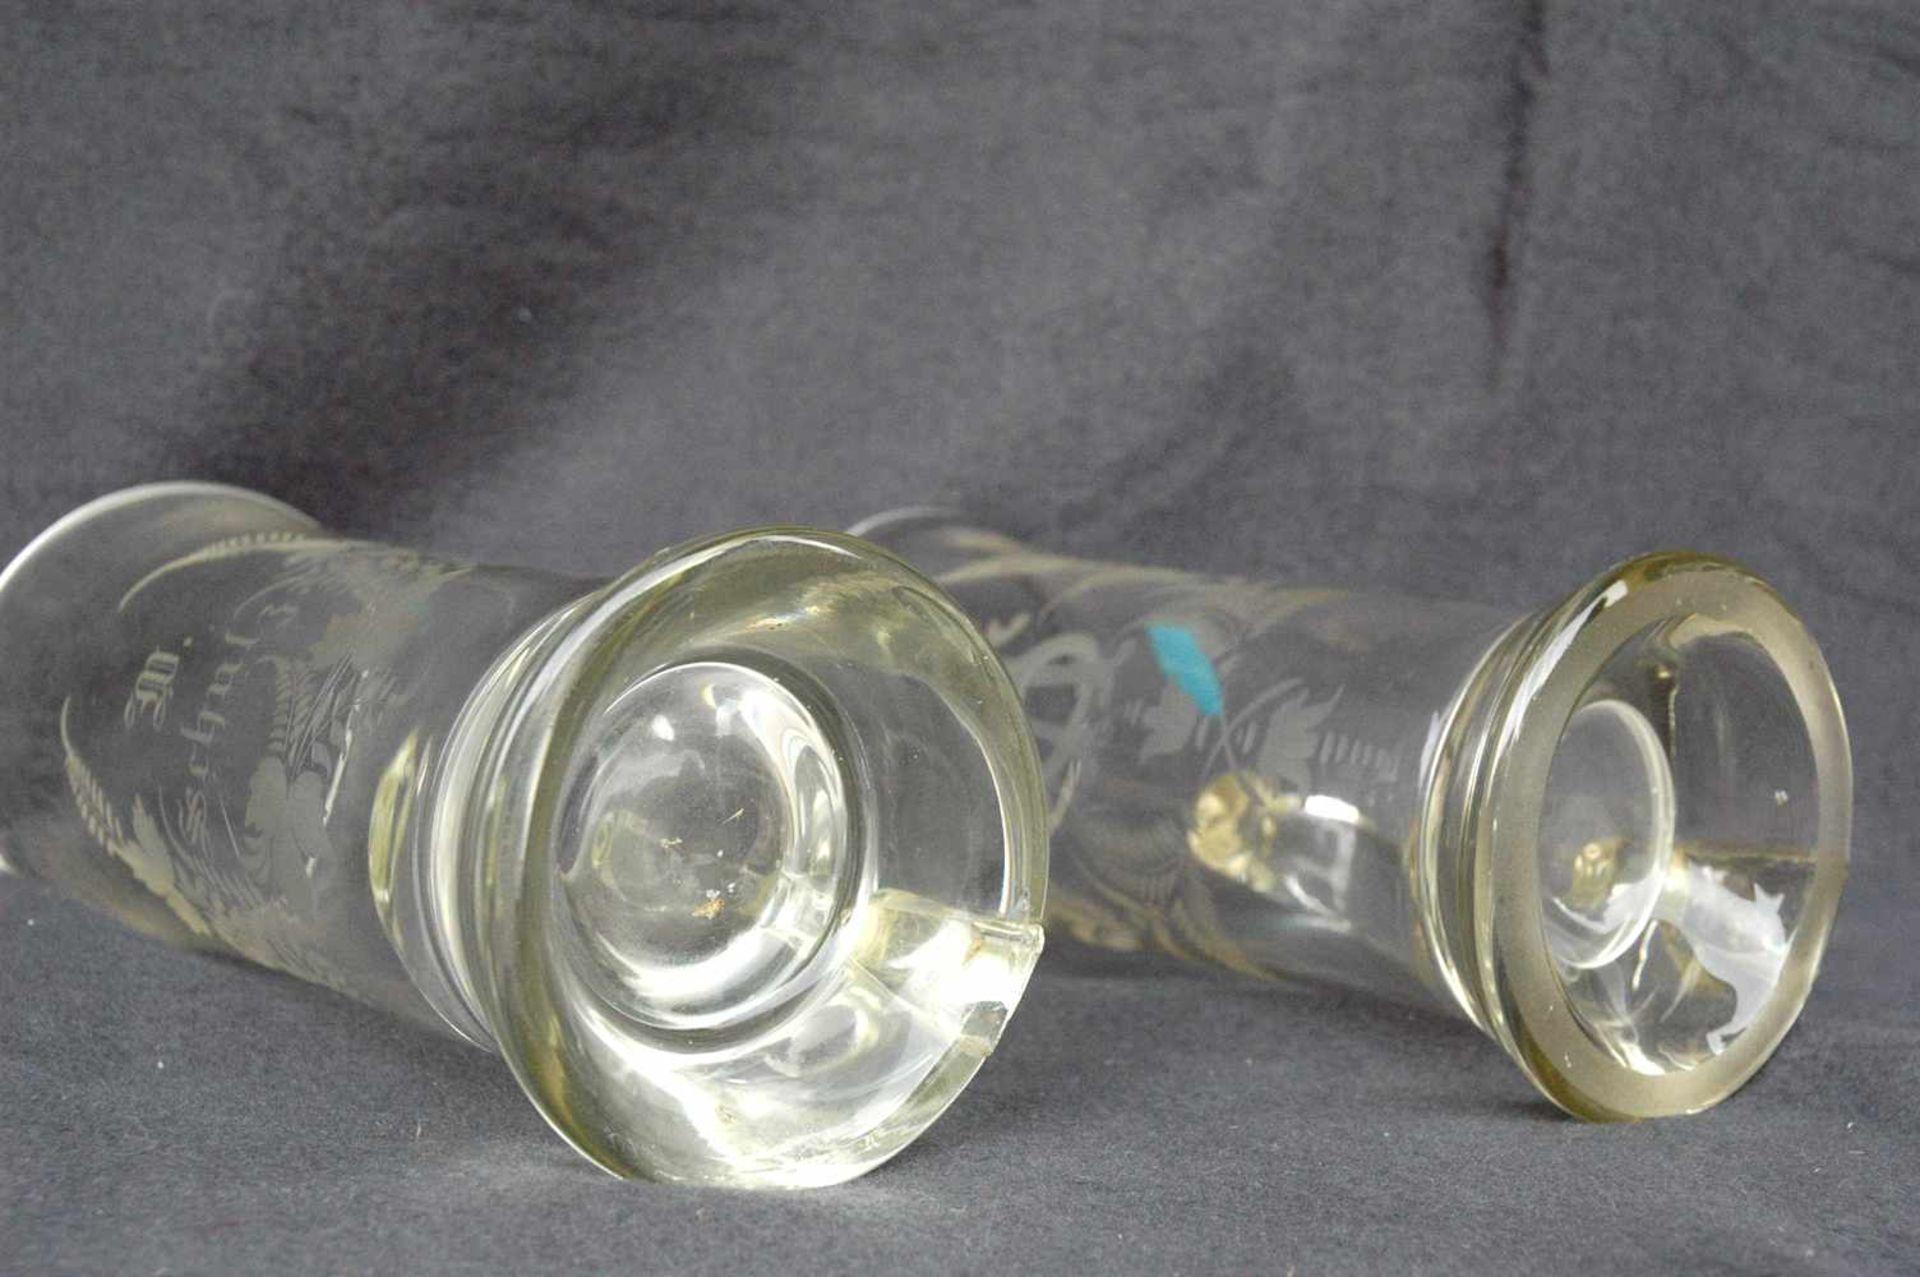 Biedermeier-Glas: zwei Biergläser mit Griffen, geschliffene Blattranken.1= 0,5 l, W. Schulze, h= - Bild 4 aus 4